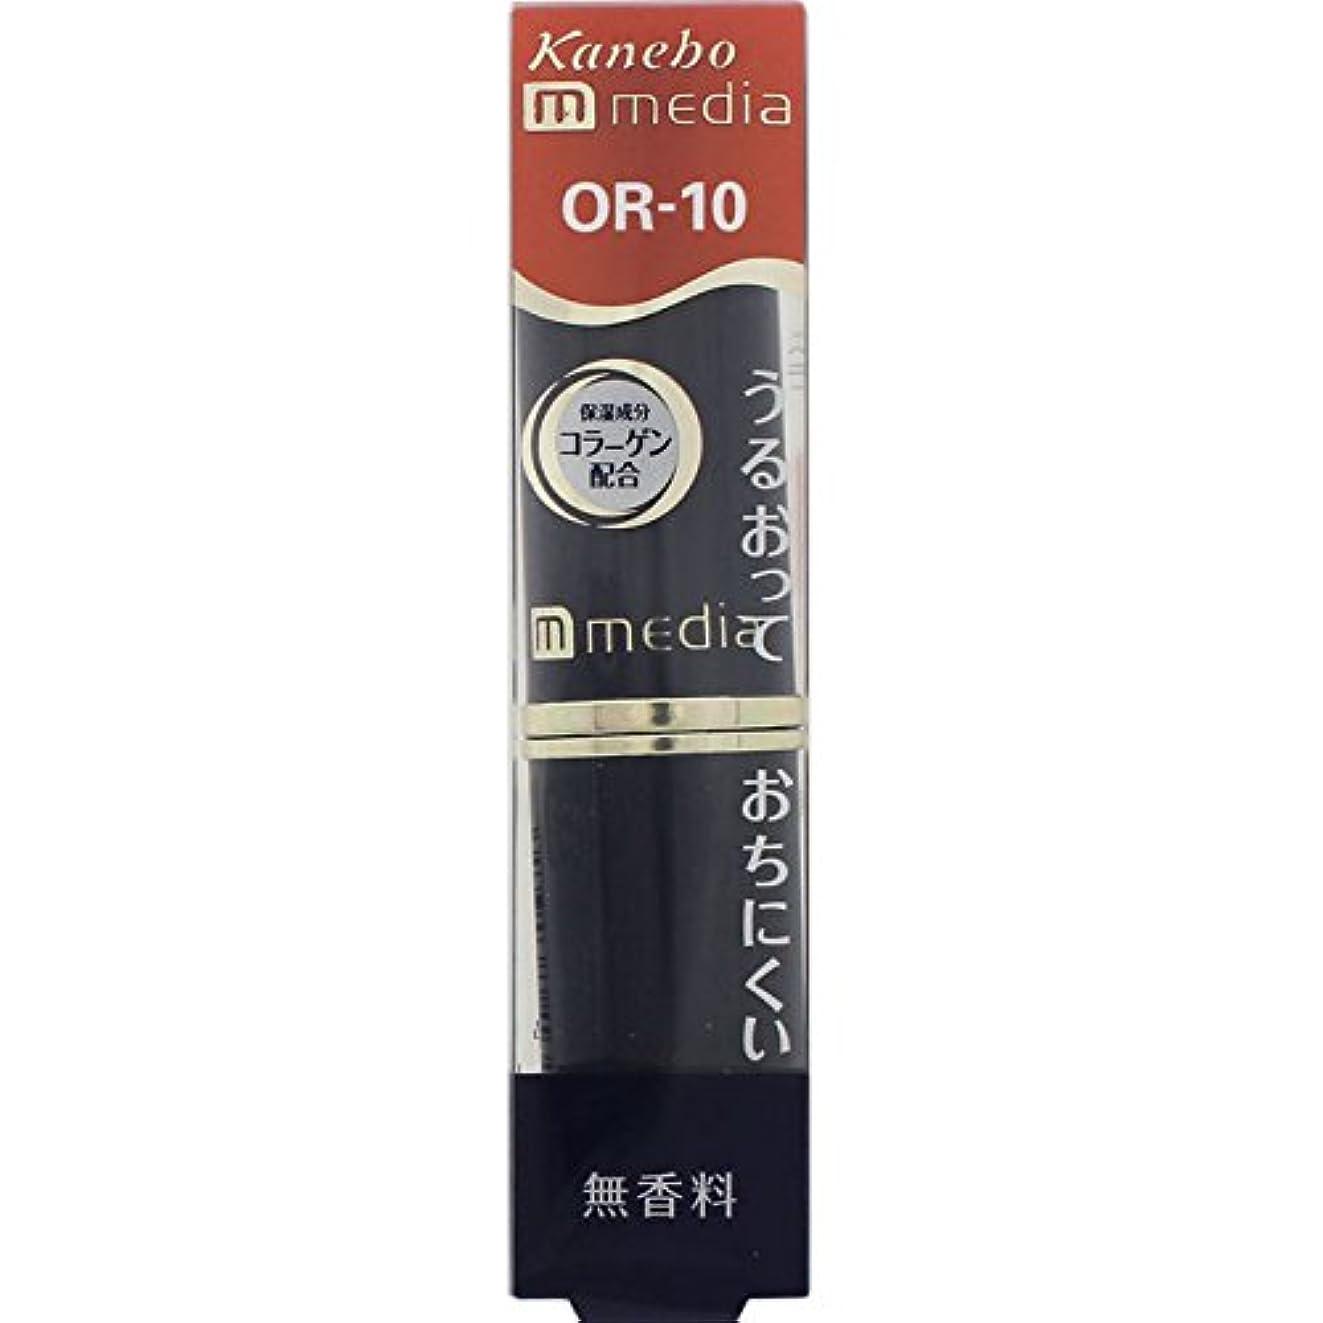 カネボウ メディア(media)クリ-ミィラスティングリツプA カラー:OR-10